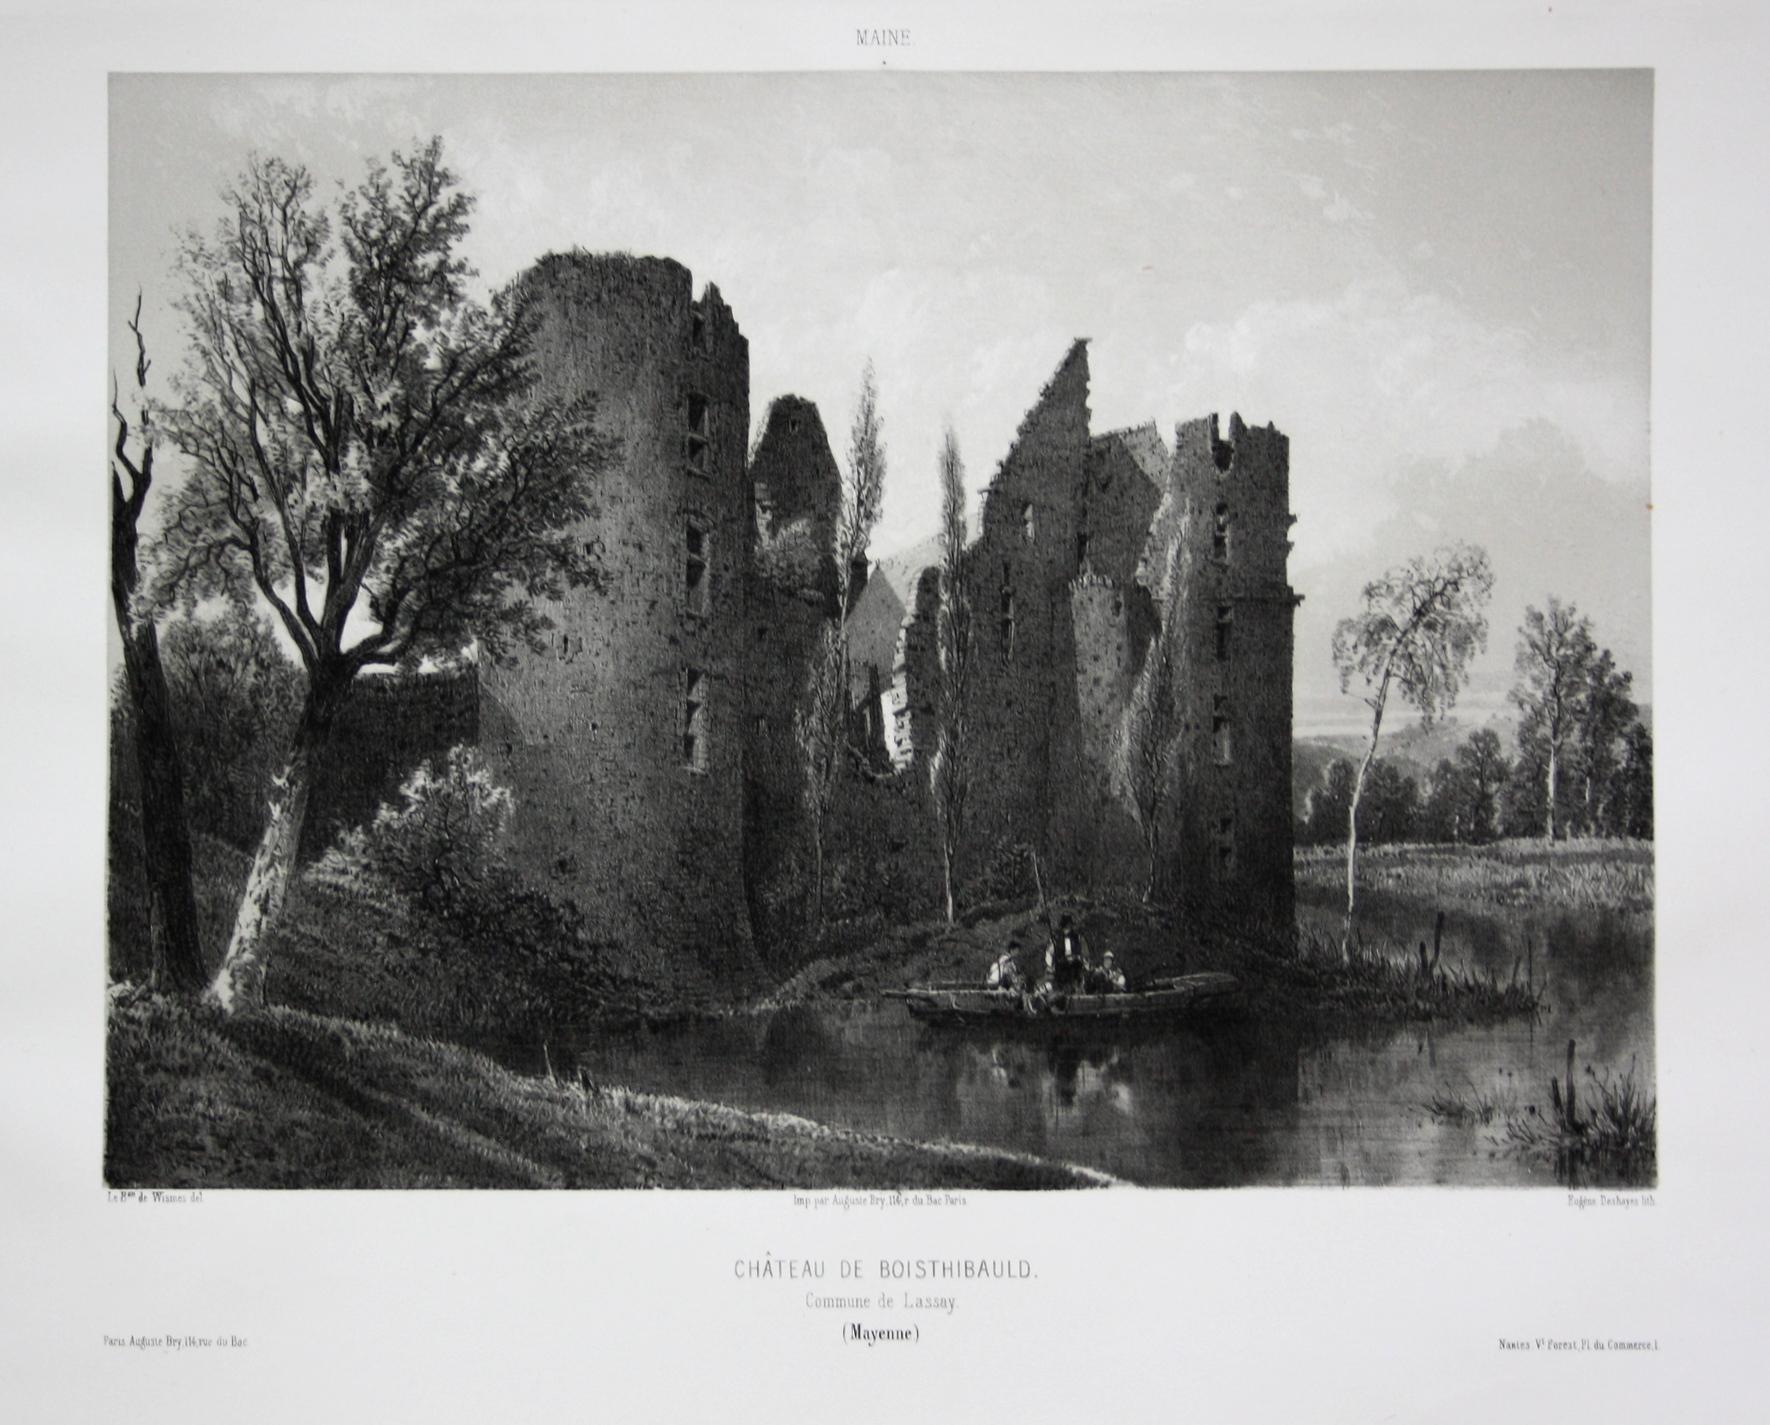 Chateau de Boisthibauld / Commune de Lassay: Wismes, Olivier de